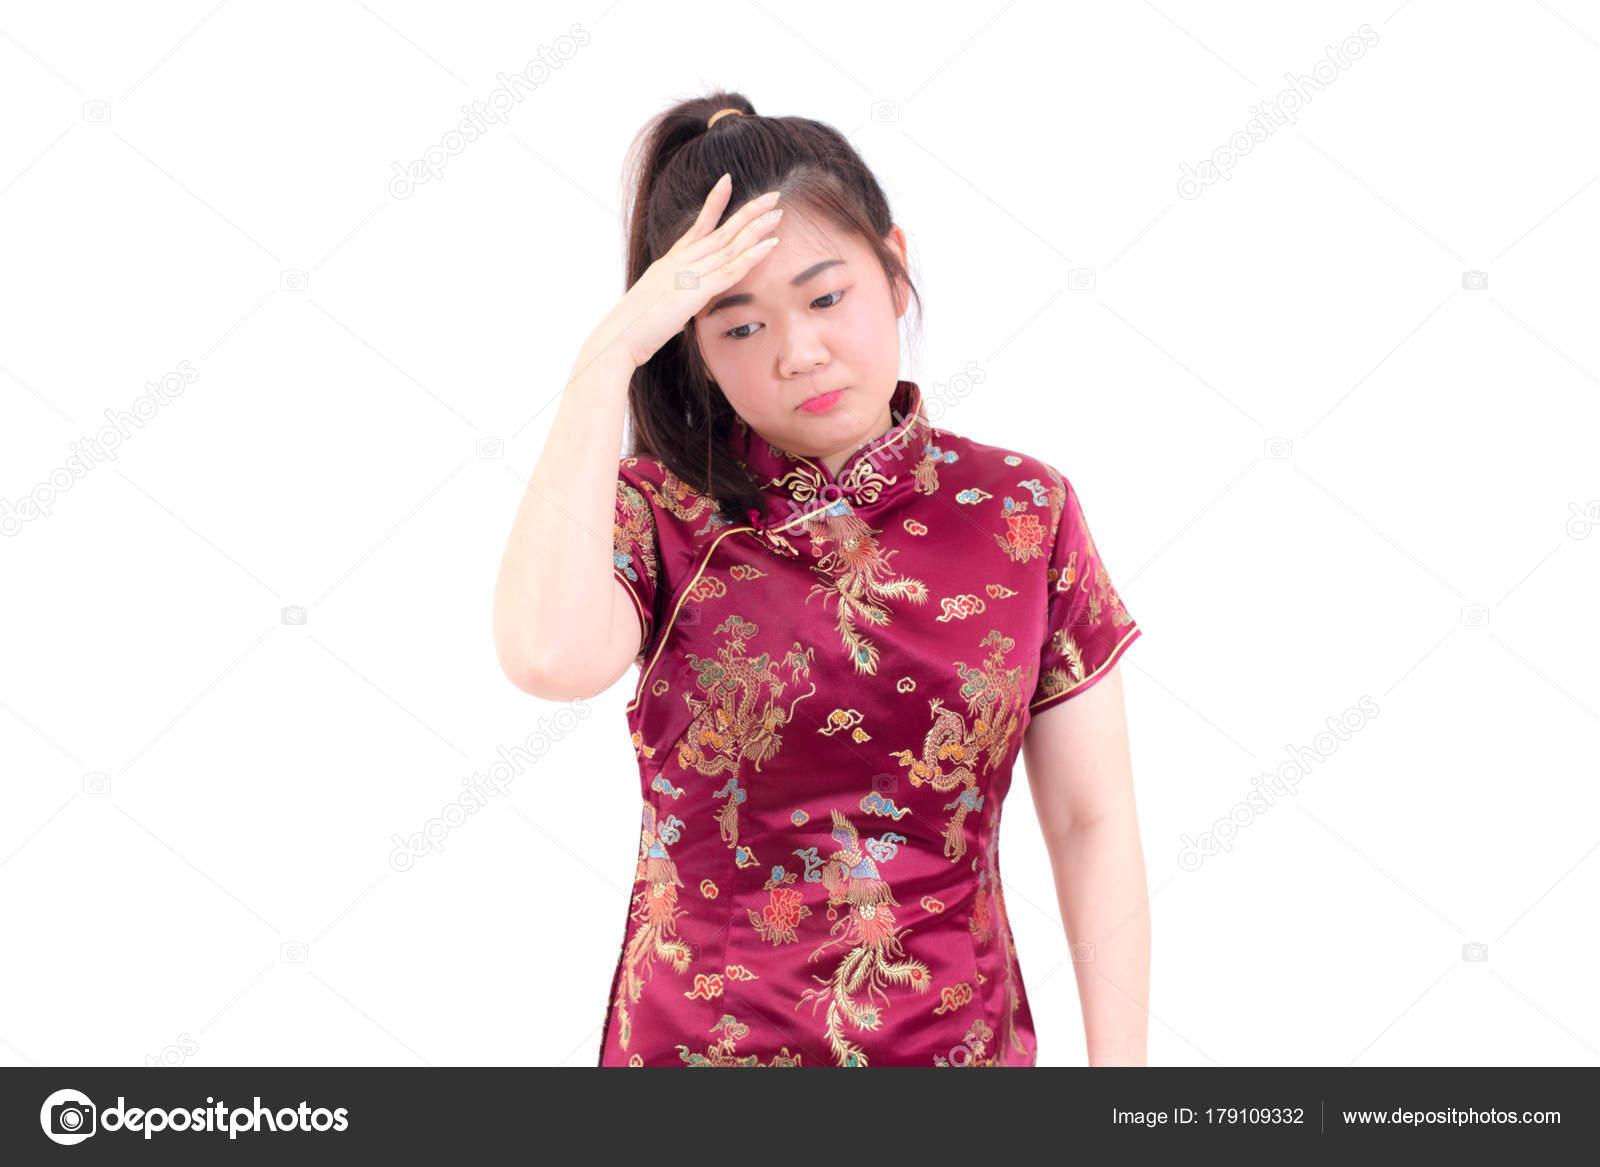 Asijské žena nosí šaty čínské cheongsam má bolest hlavy proti. Přemýšlejte  nad 7fc2cc11c1